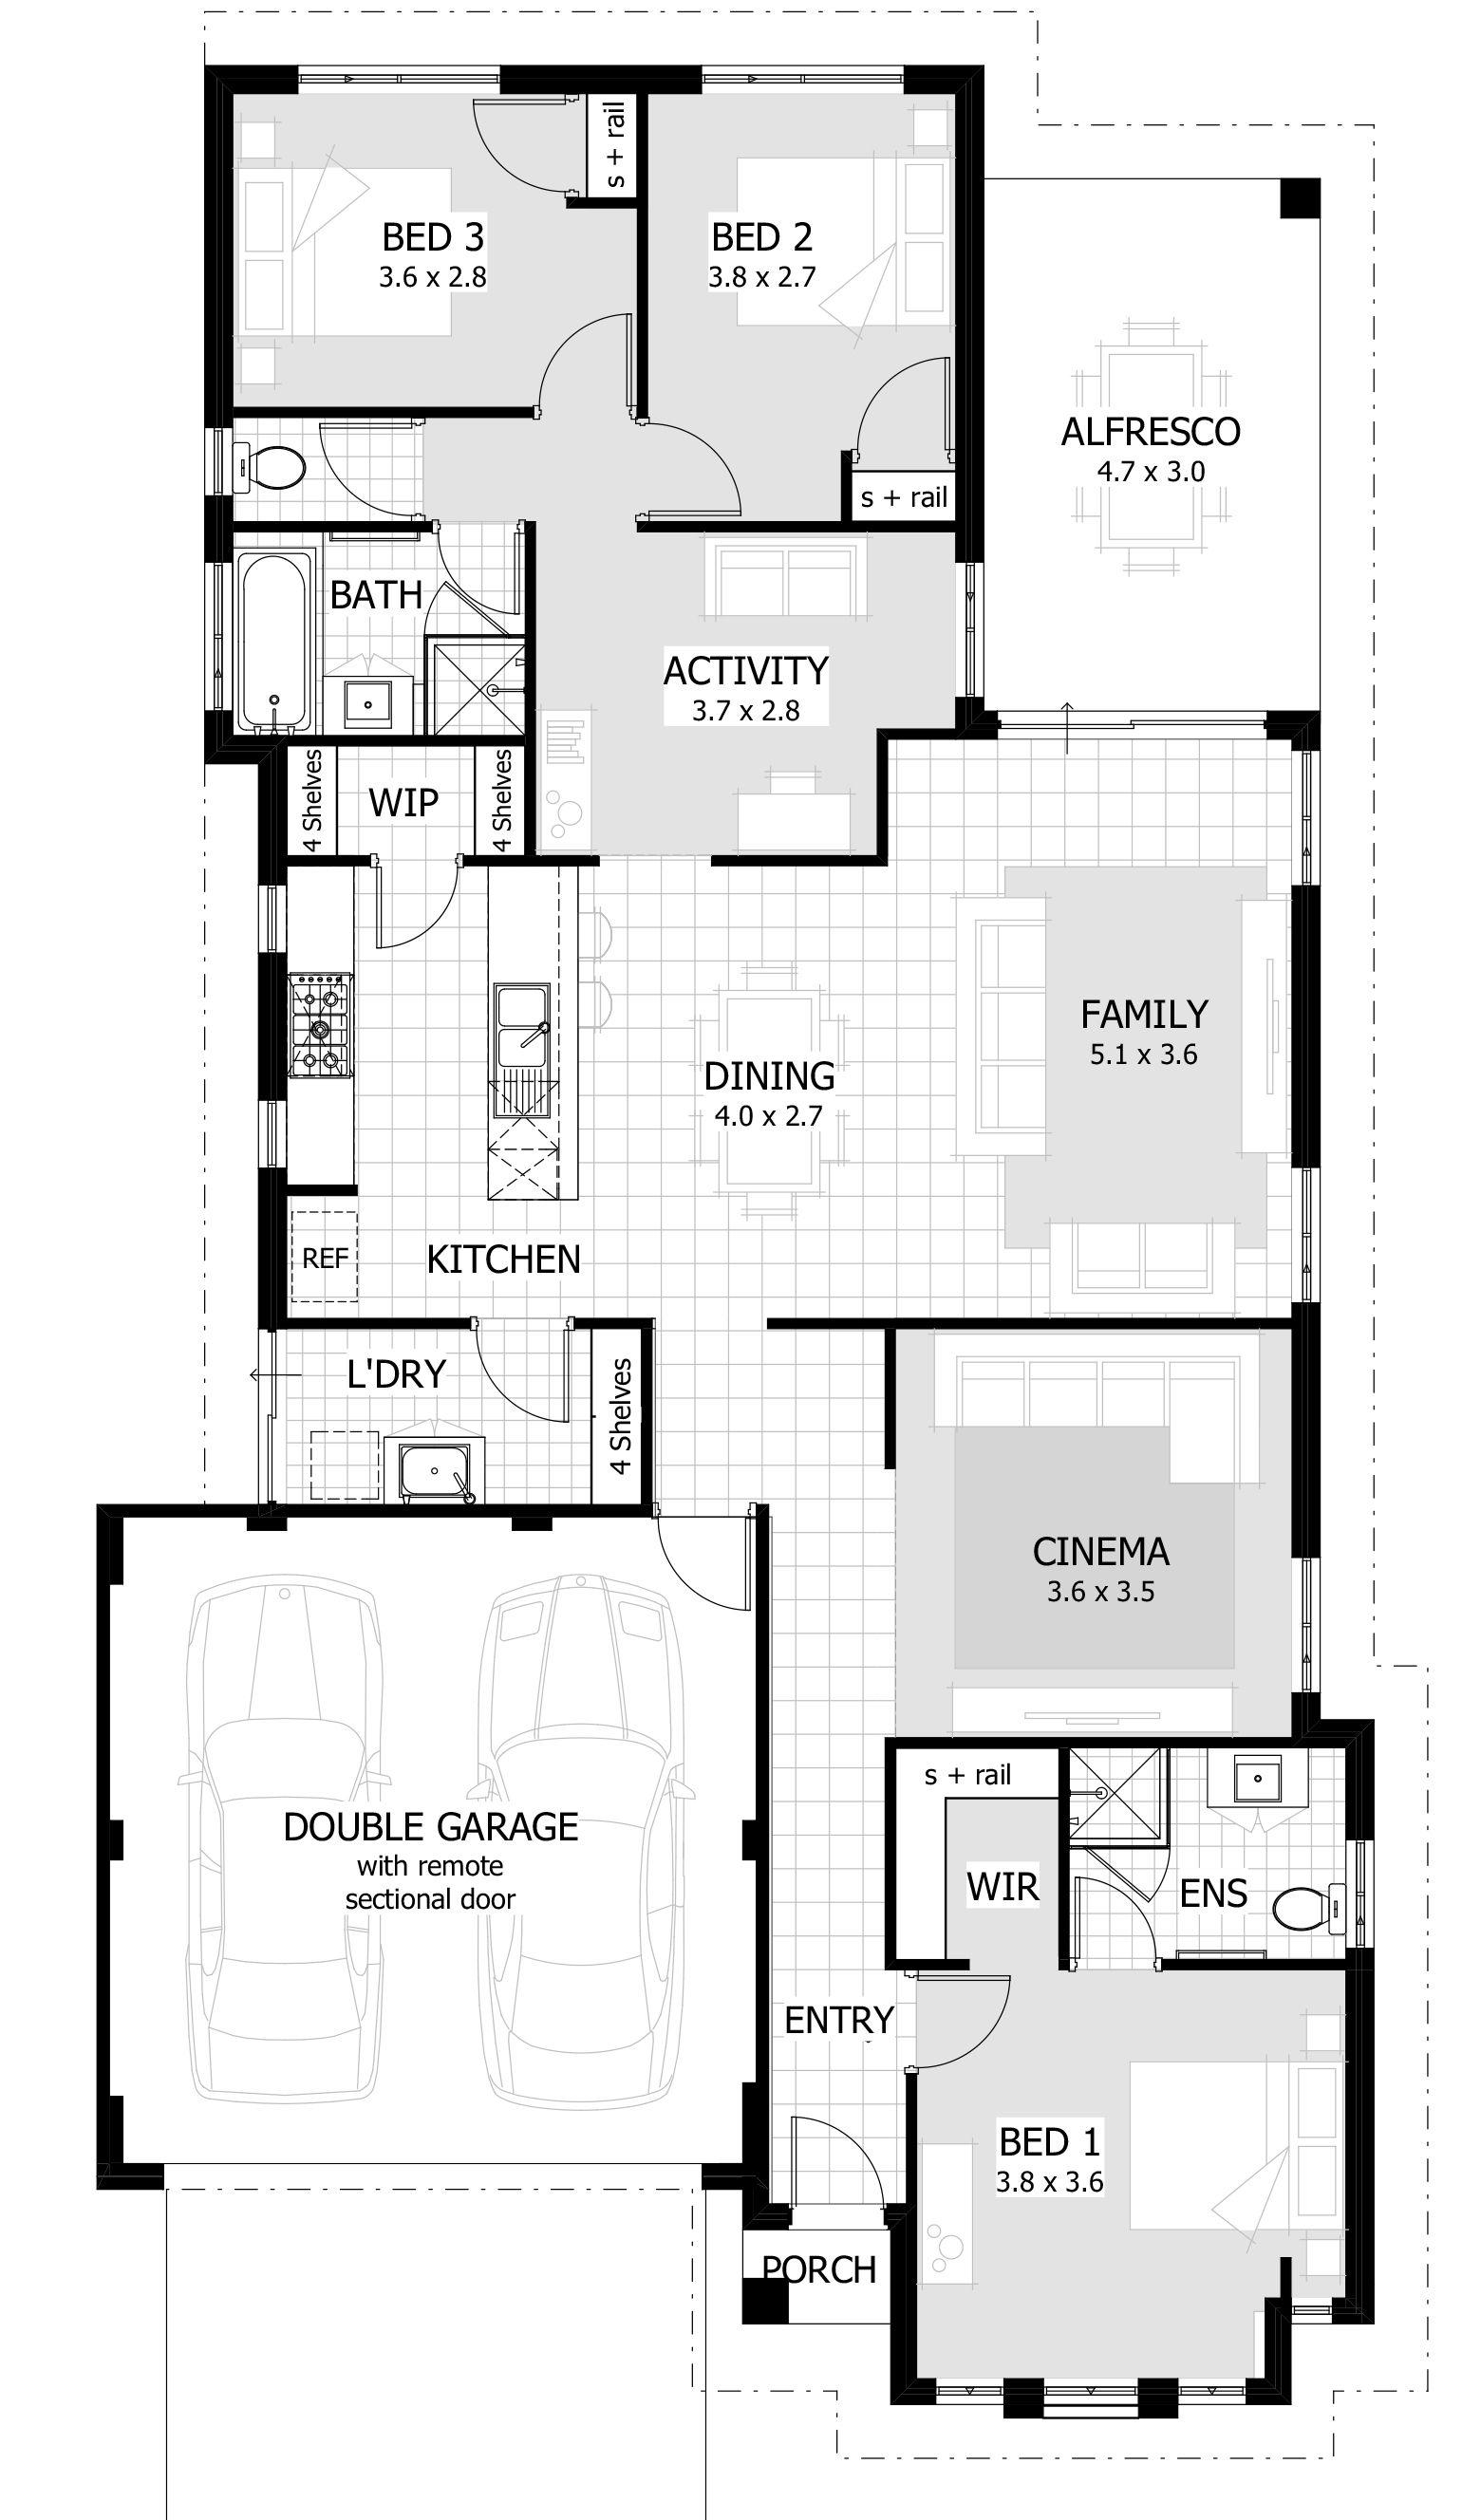 3 Bedroom House Floor Plan Bedroom Floor Plan Latest Gallery Photo